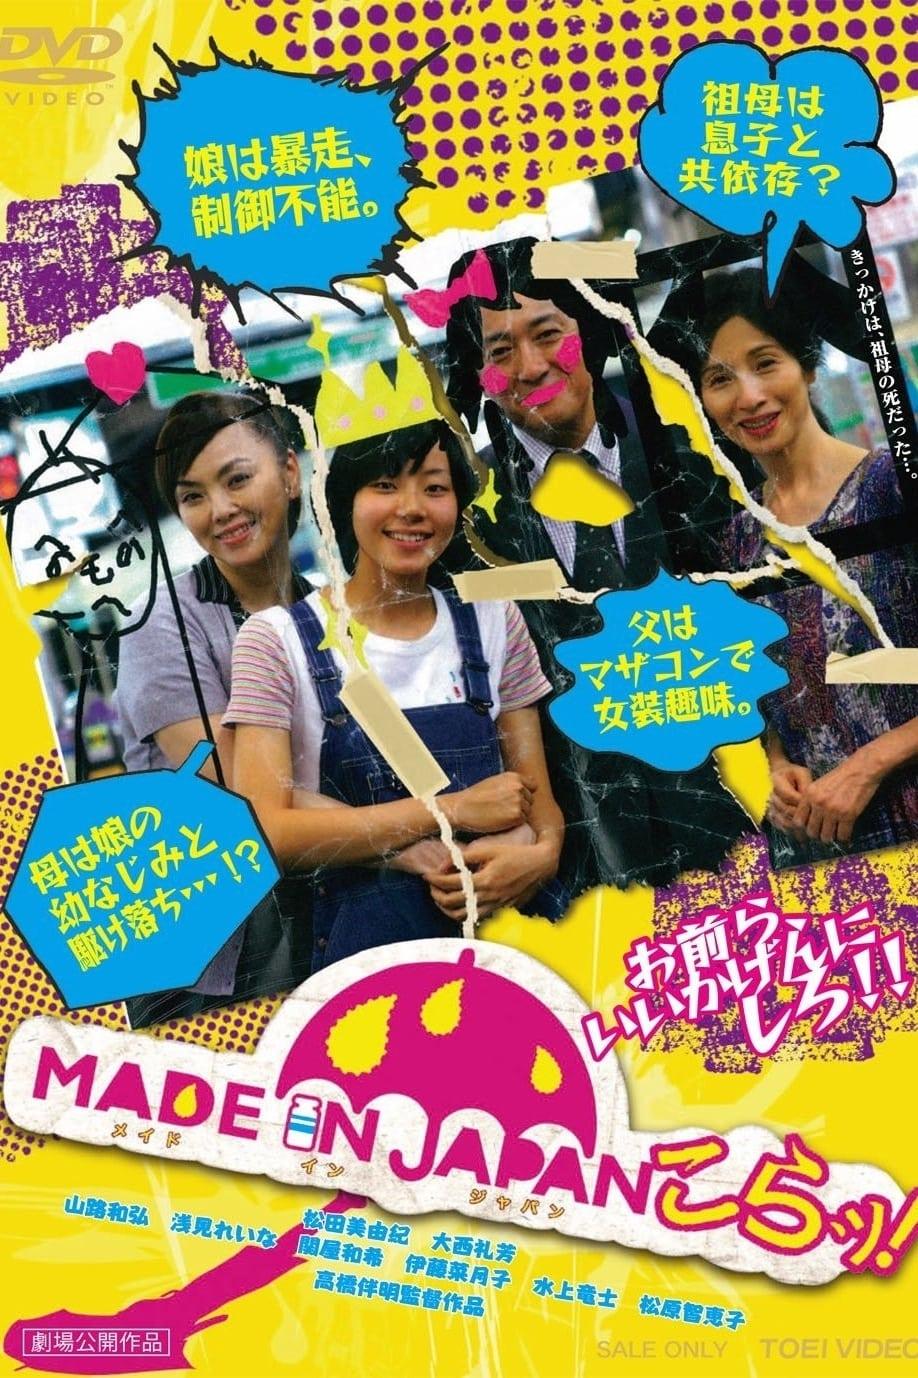 Made in Japan: Kora!